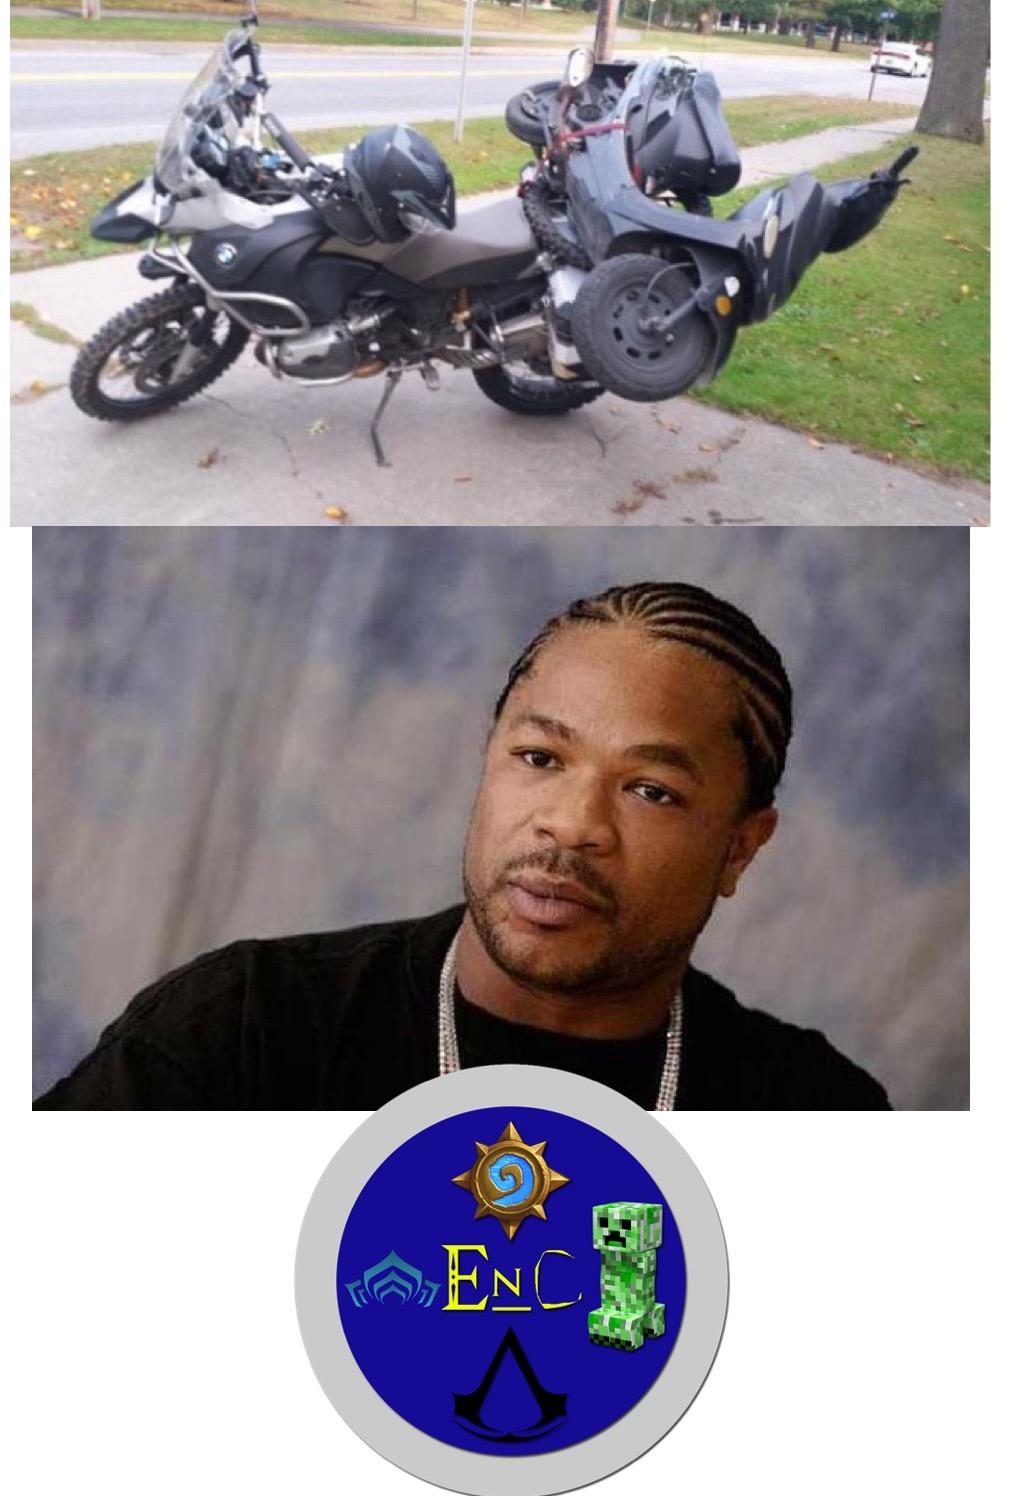 Moto su moto - meme